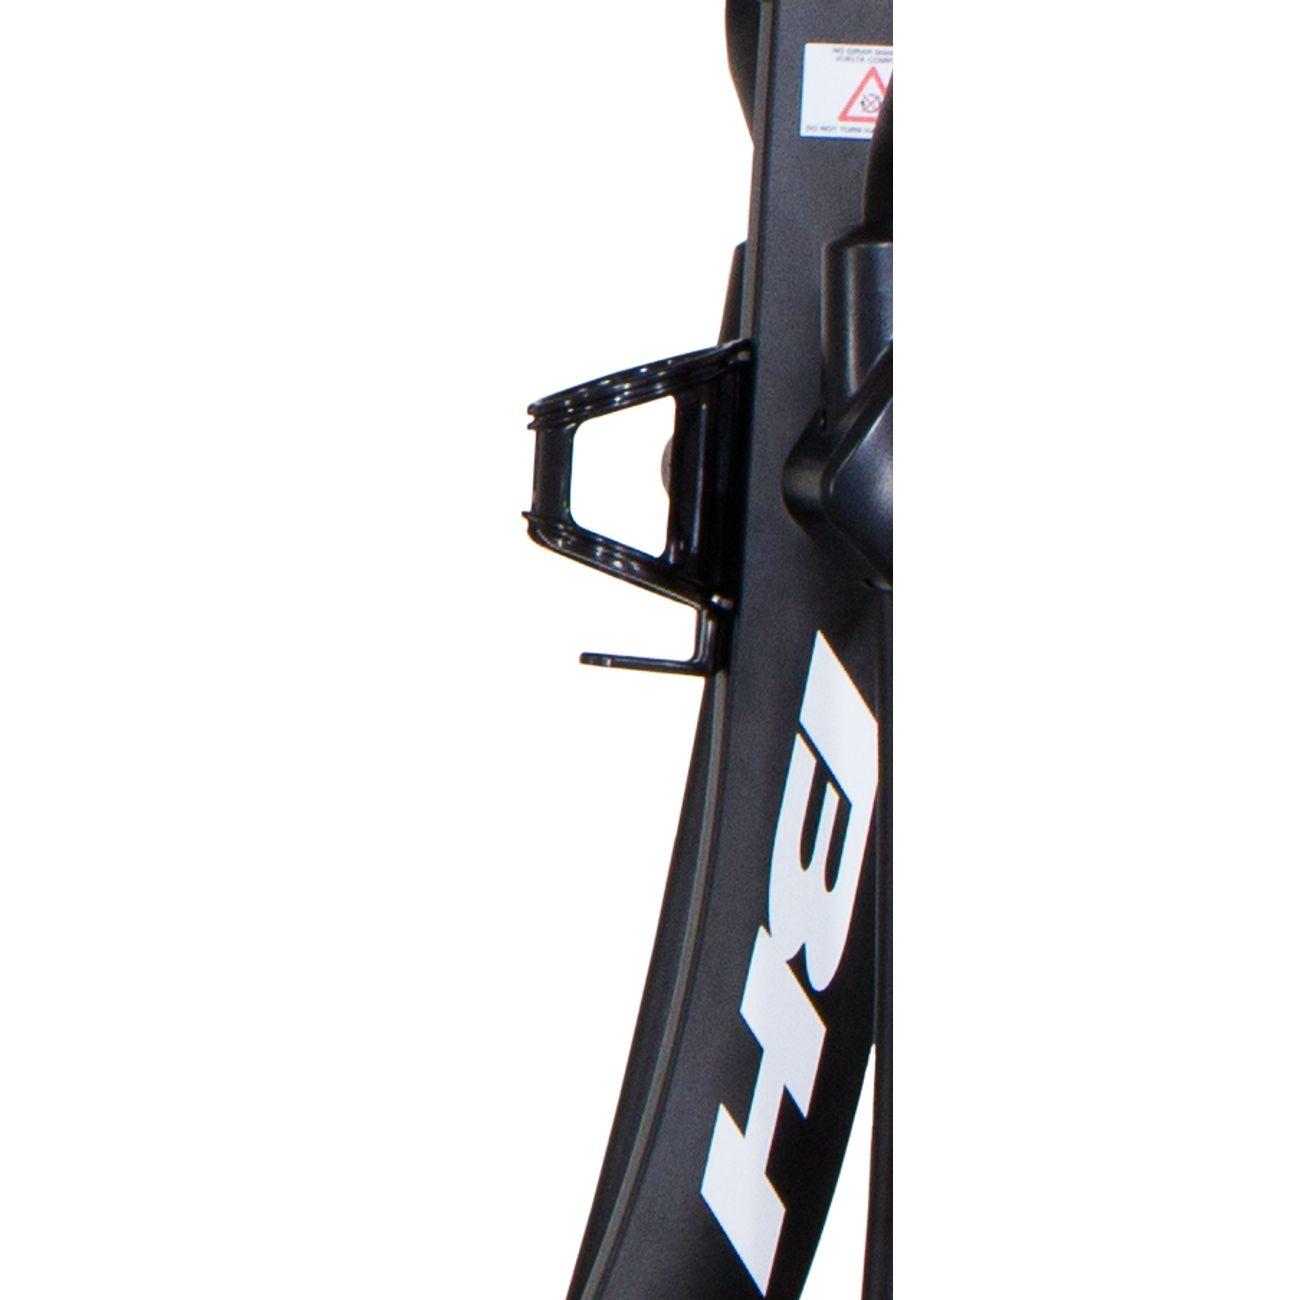 Fitness  BH FITNESS Vélo elliptique. Système inertiel 14kg. Fitness Applis de +Fitness. Blanc. Cross Challange G2381RF